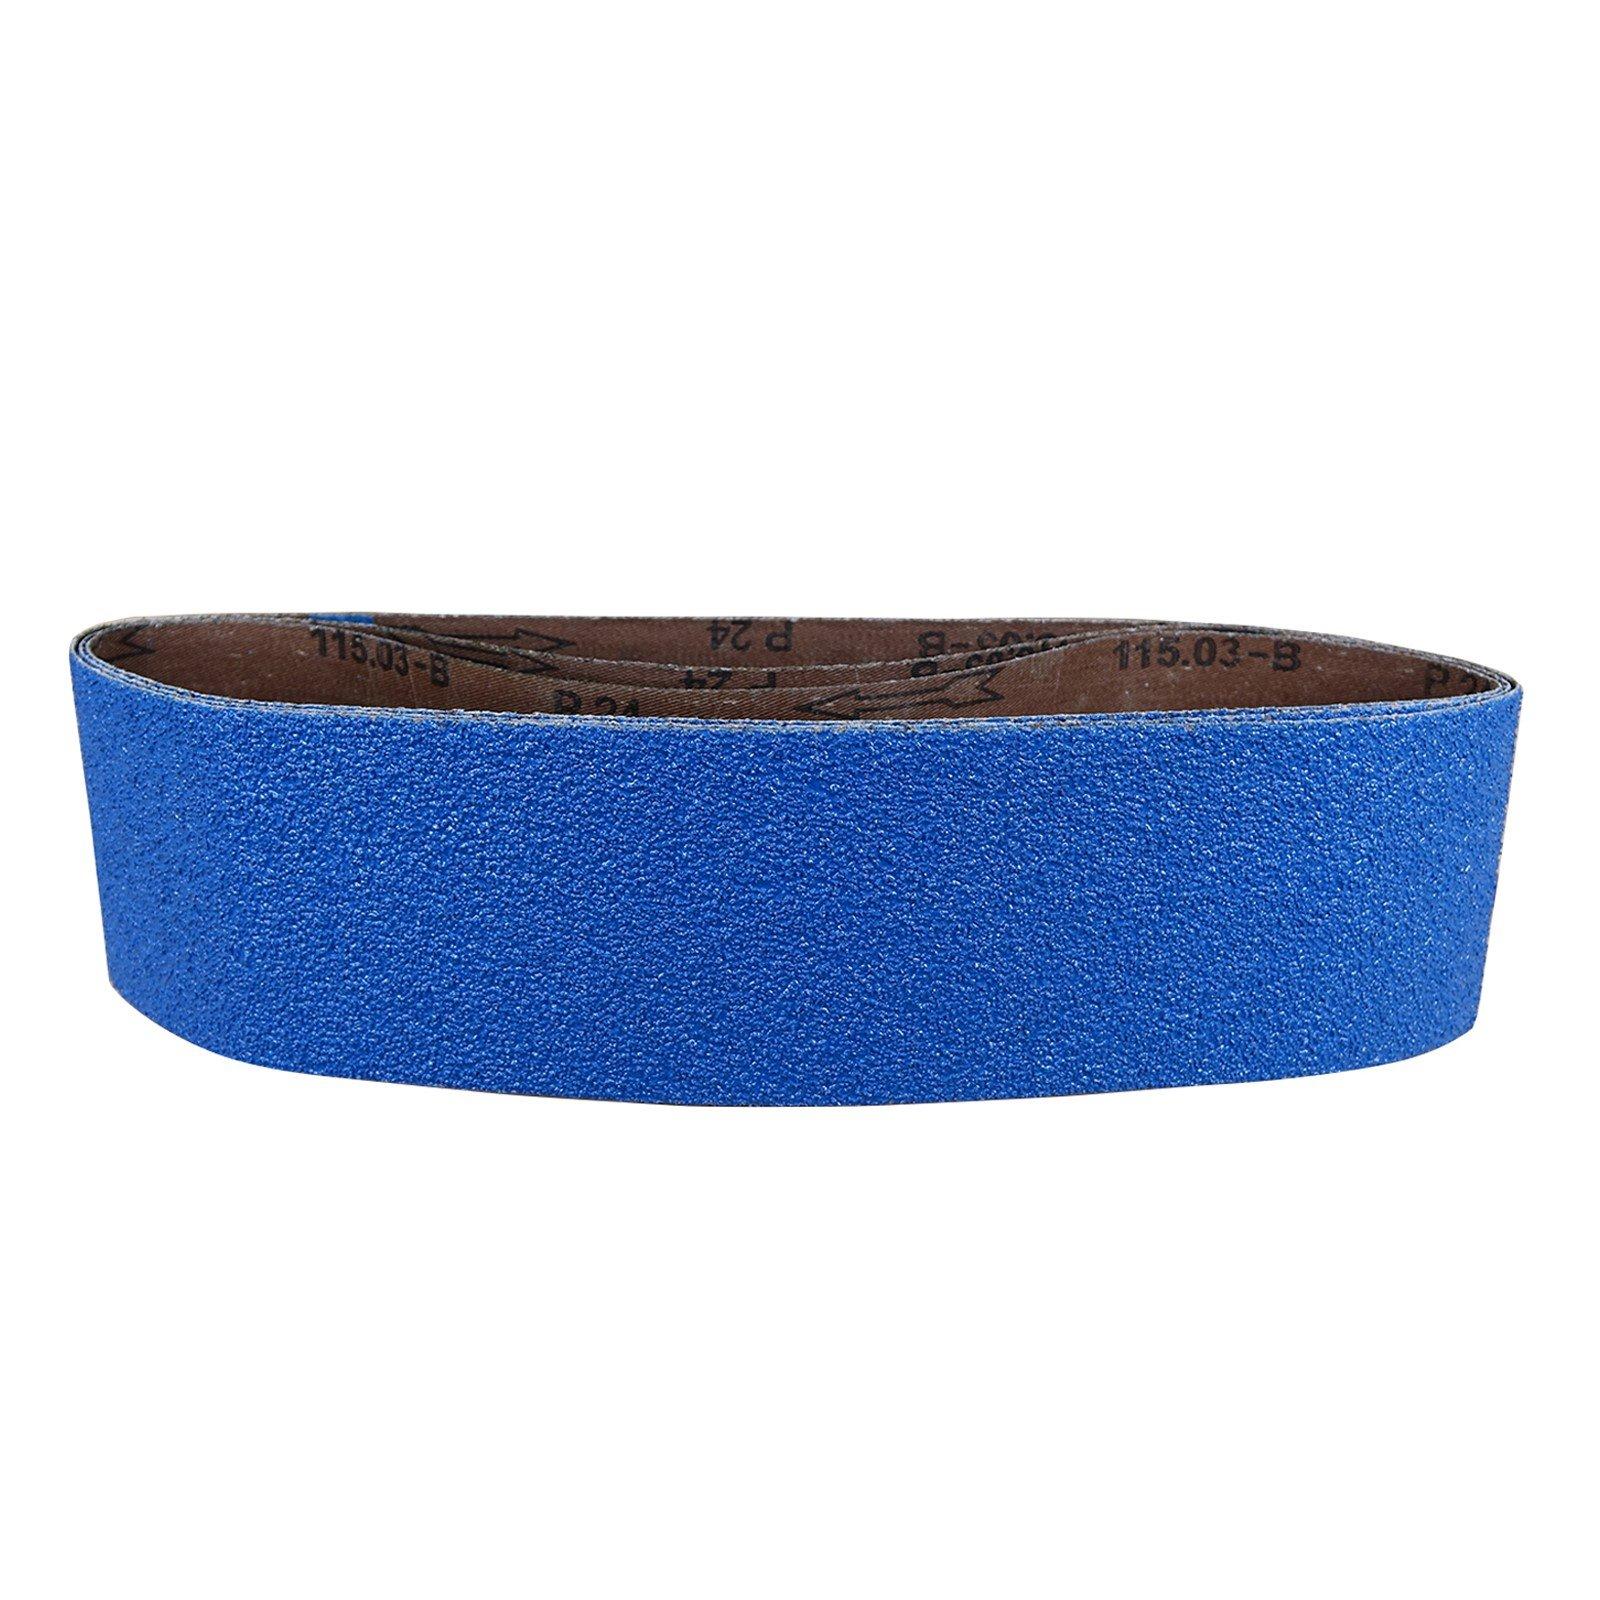 POWERTEC 443606Z-3 4-Inch x 36-Inch 60 Grit Metal Grinding Zirconia Sanding Belt, 3-Pack